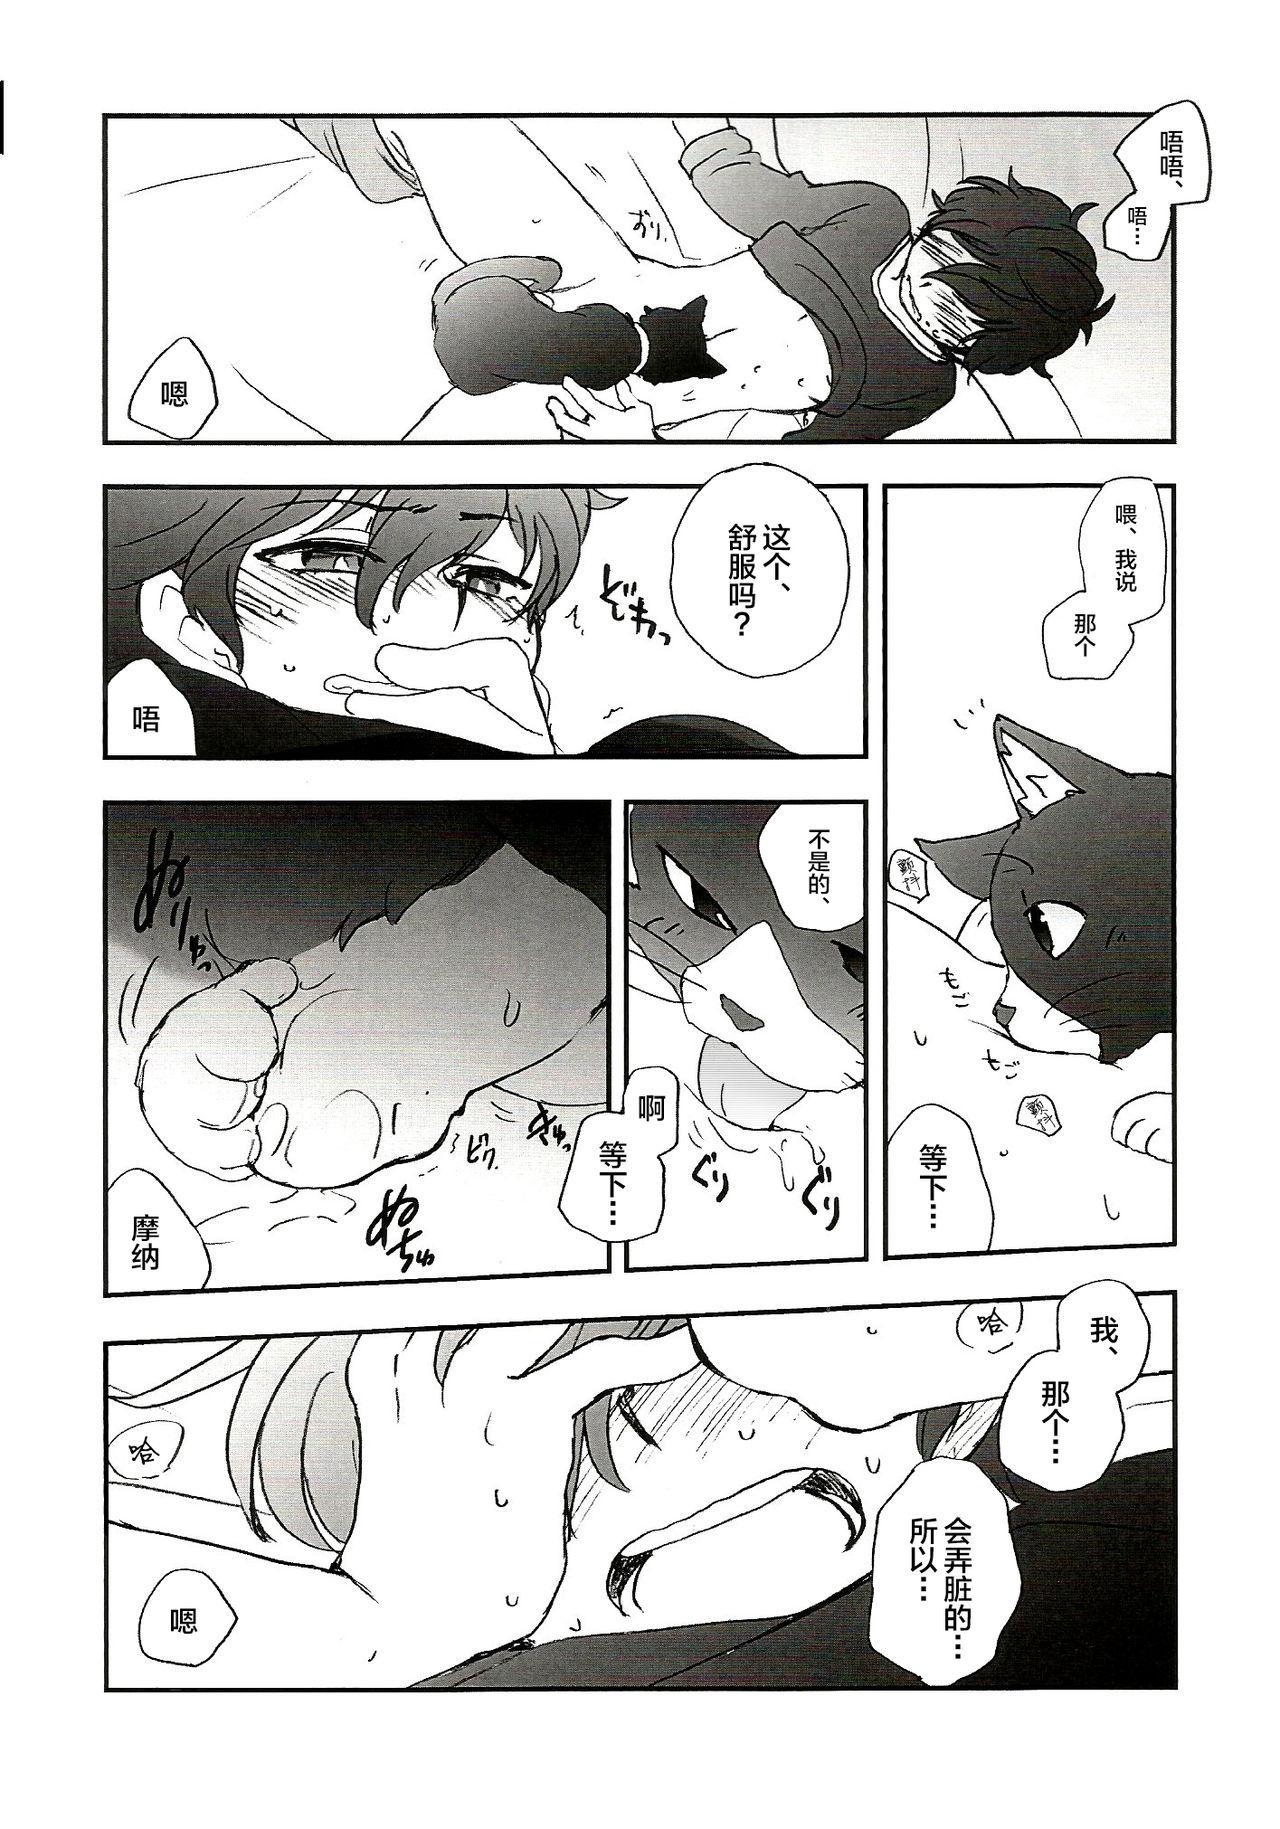 Tokubetsu Kyuukou Mementos 9